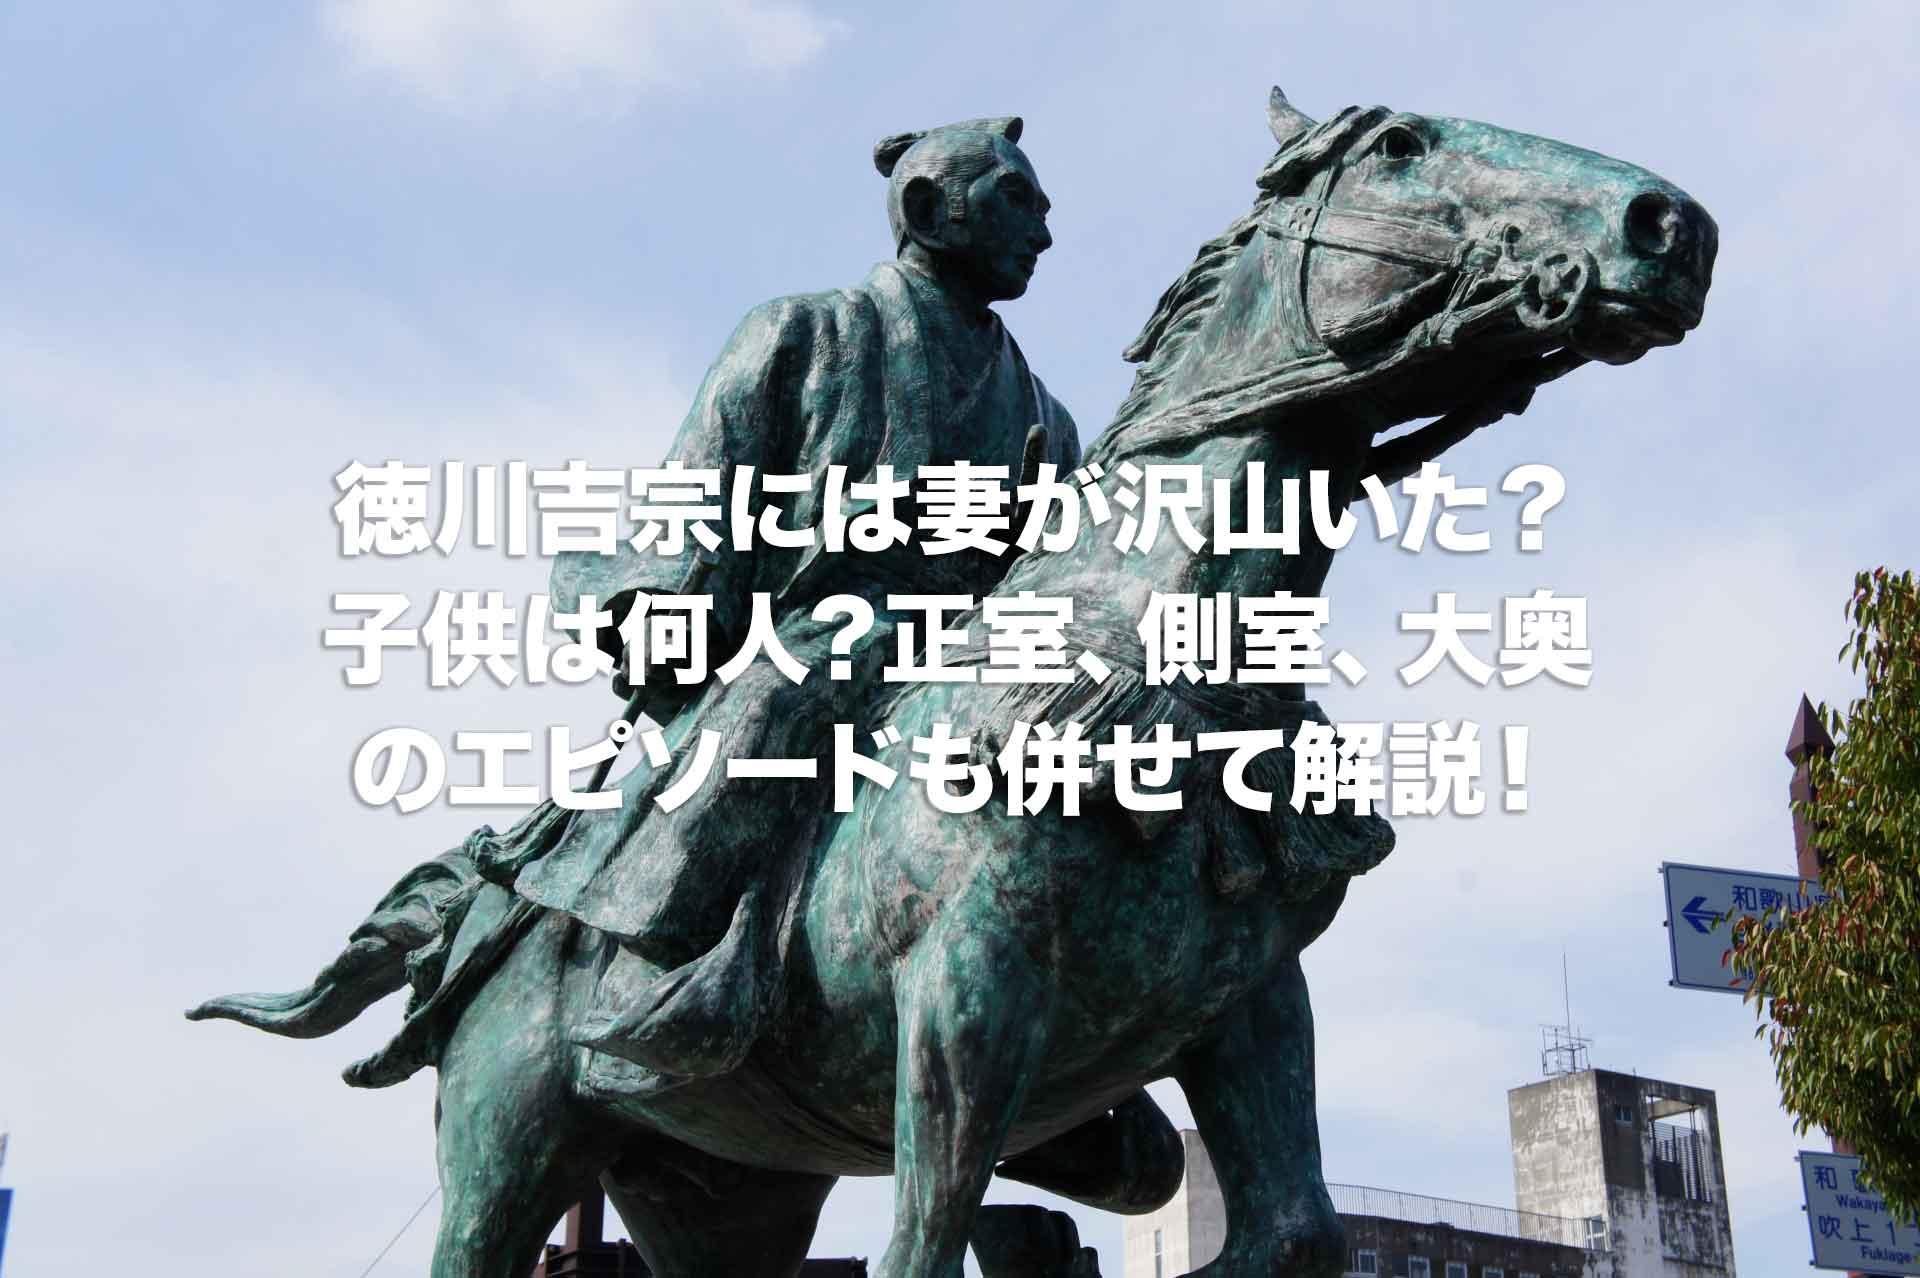 徳川吉宗には妻が沢山いた?子供は何人?正室、側室、大奥のエピソードを解説!